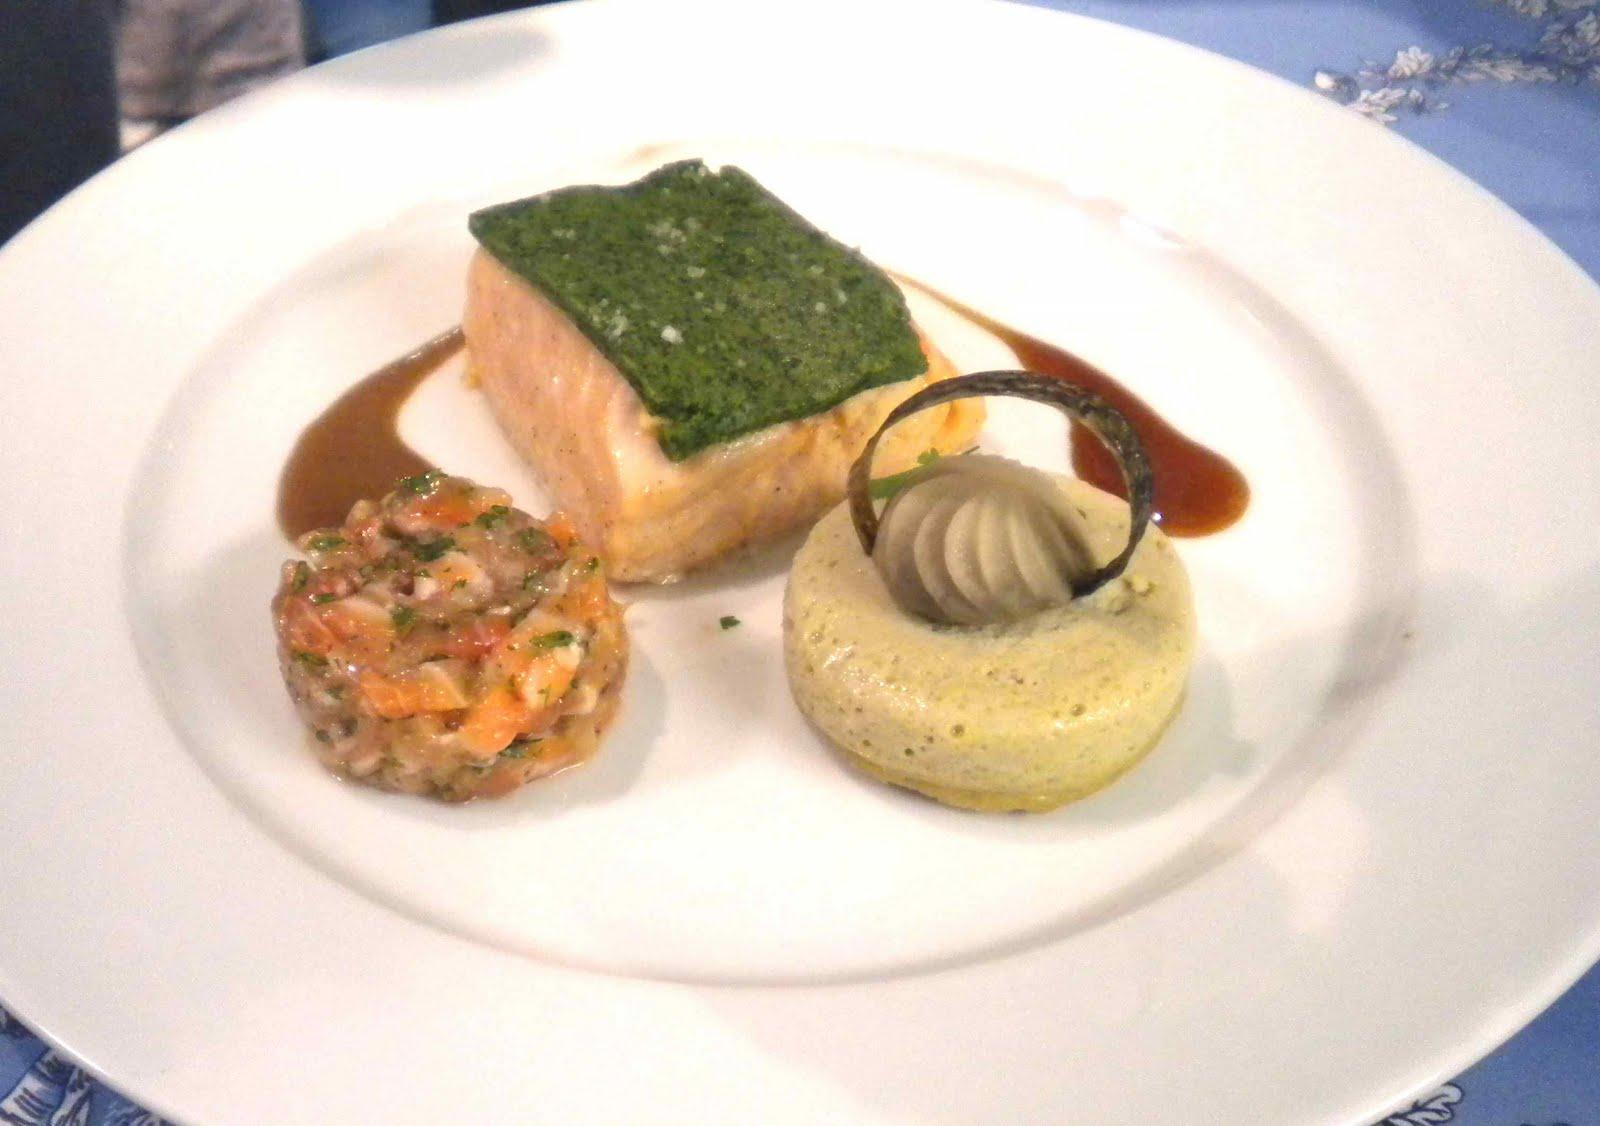 Sjoerd at le cordon bleu paris superior cuisine 2010 for Cuisine bleu